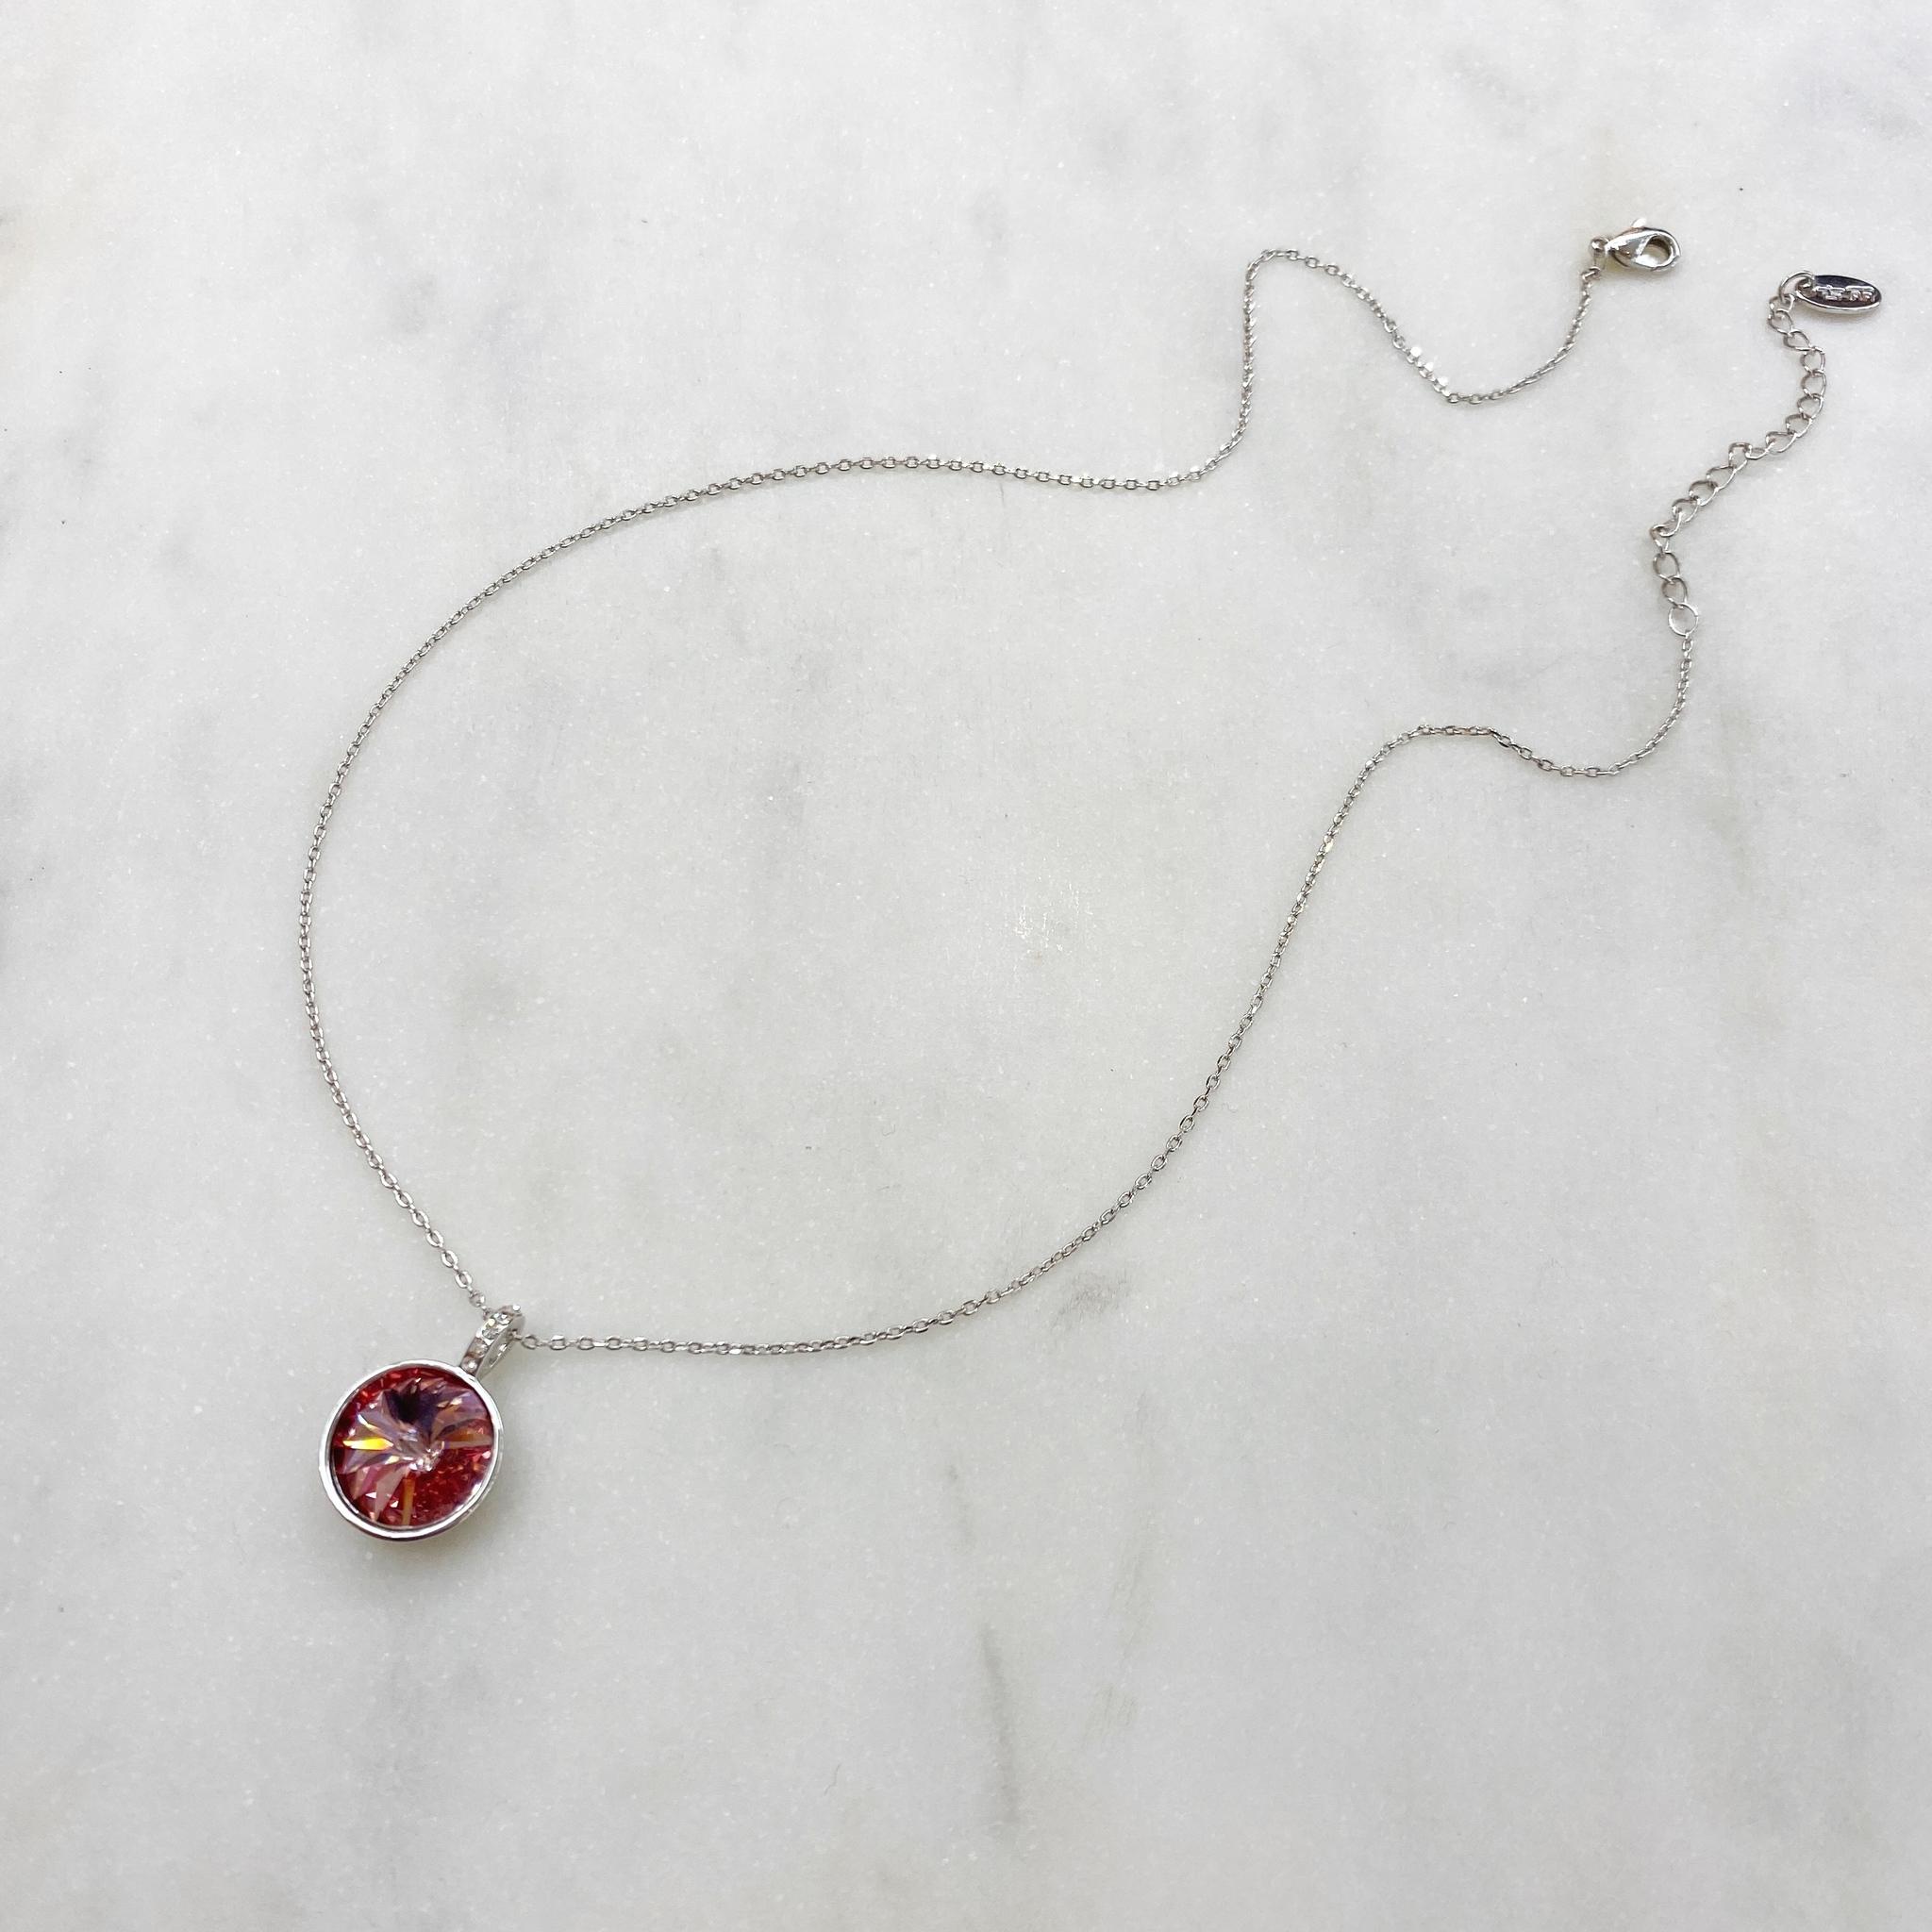 Подвеска Rivoli с кристаллом Swarovski (бордовый, серебристый)